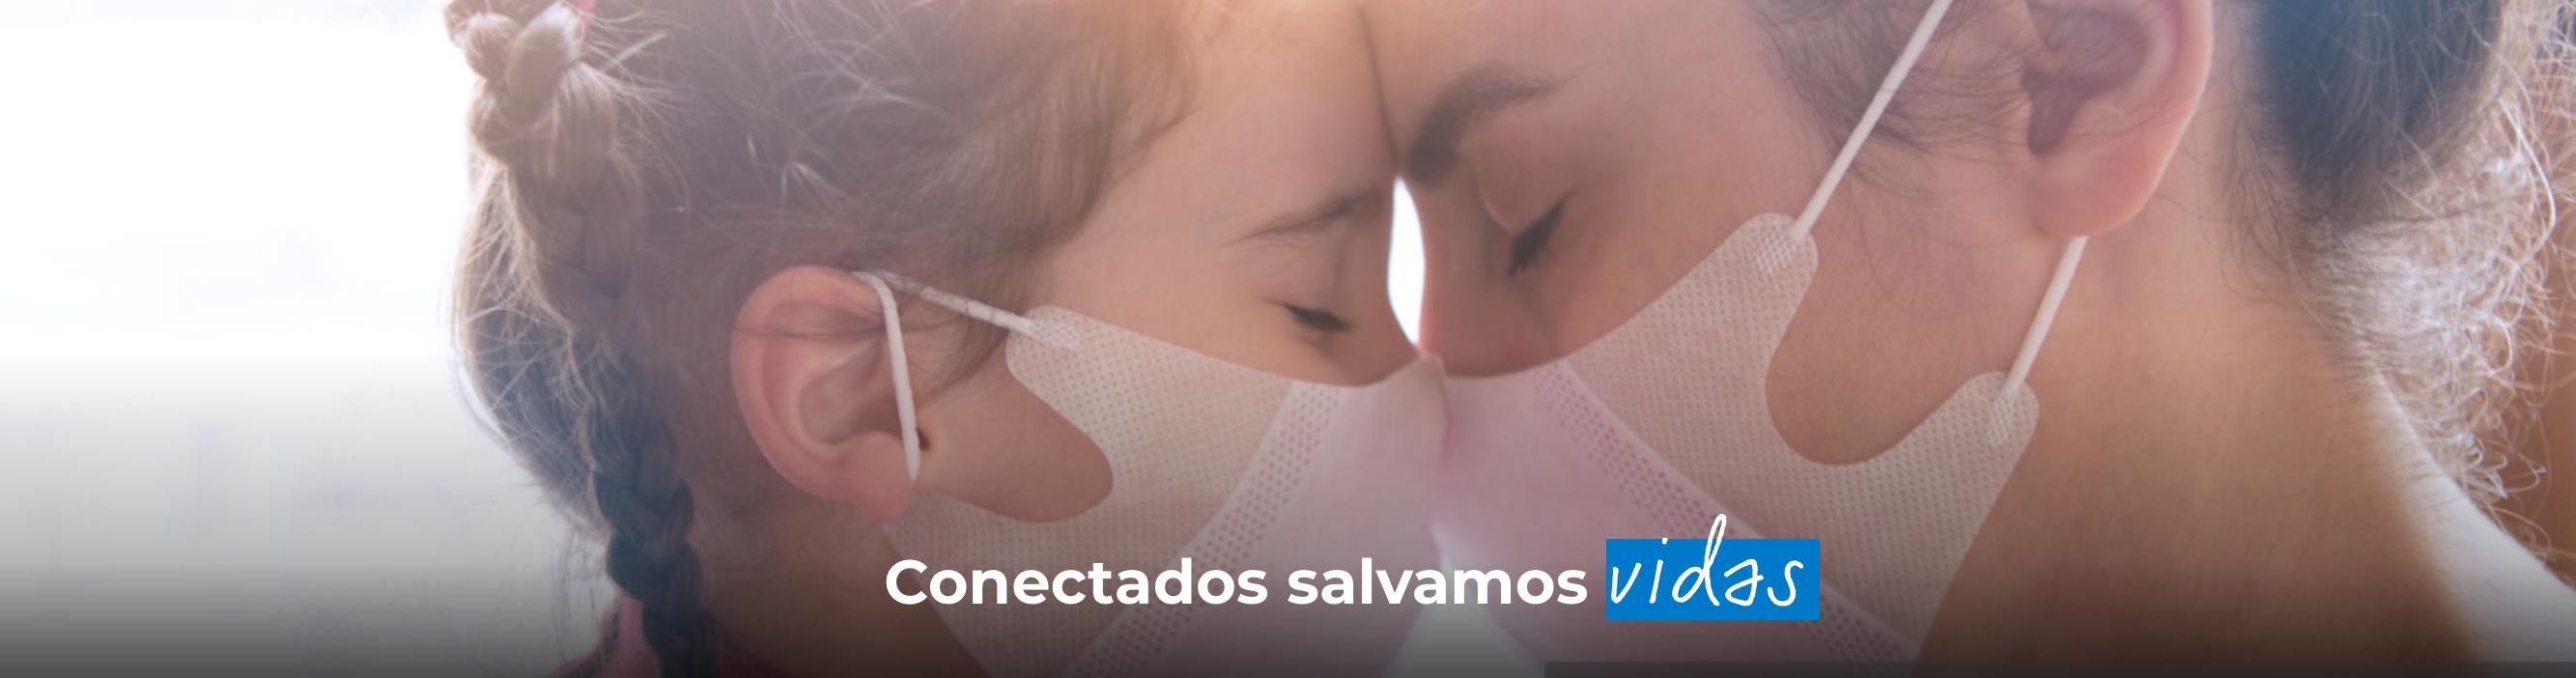 Unidad de Medicina Transfusional